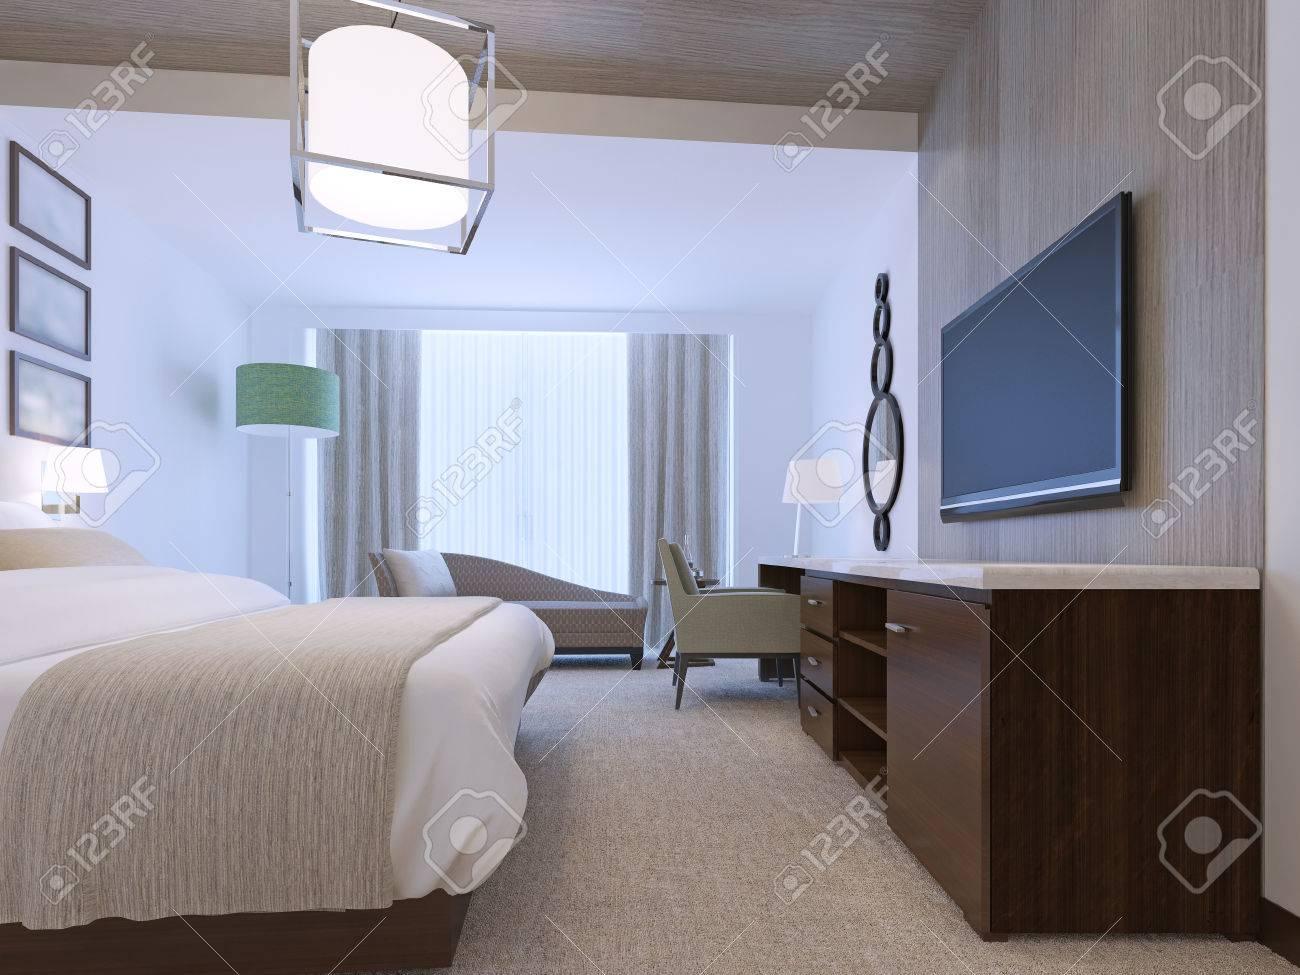 camera da letto bianco con nicchia decorativa di legno chiaro